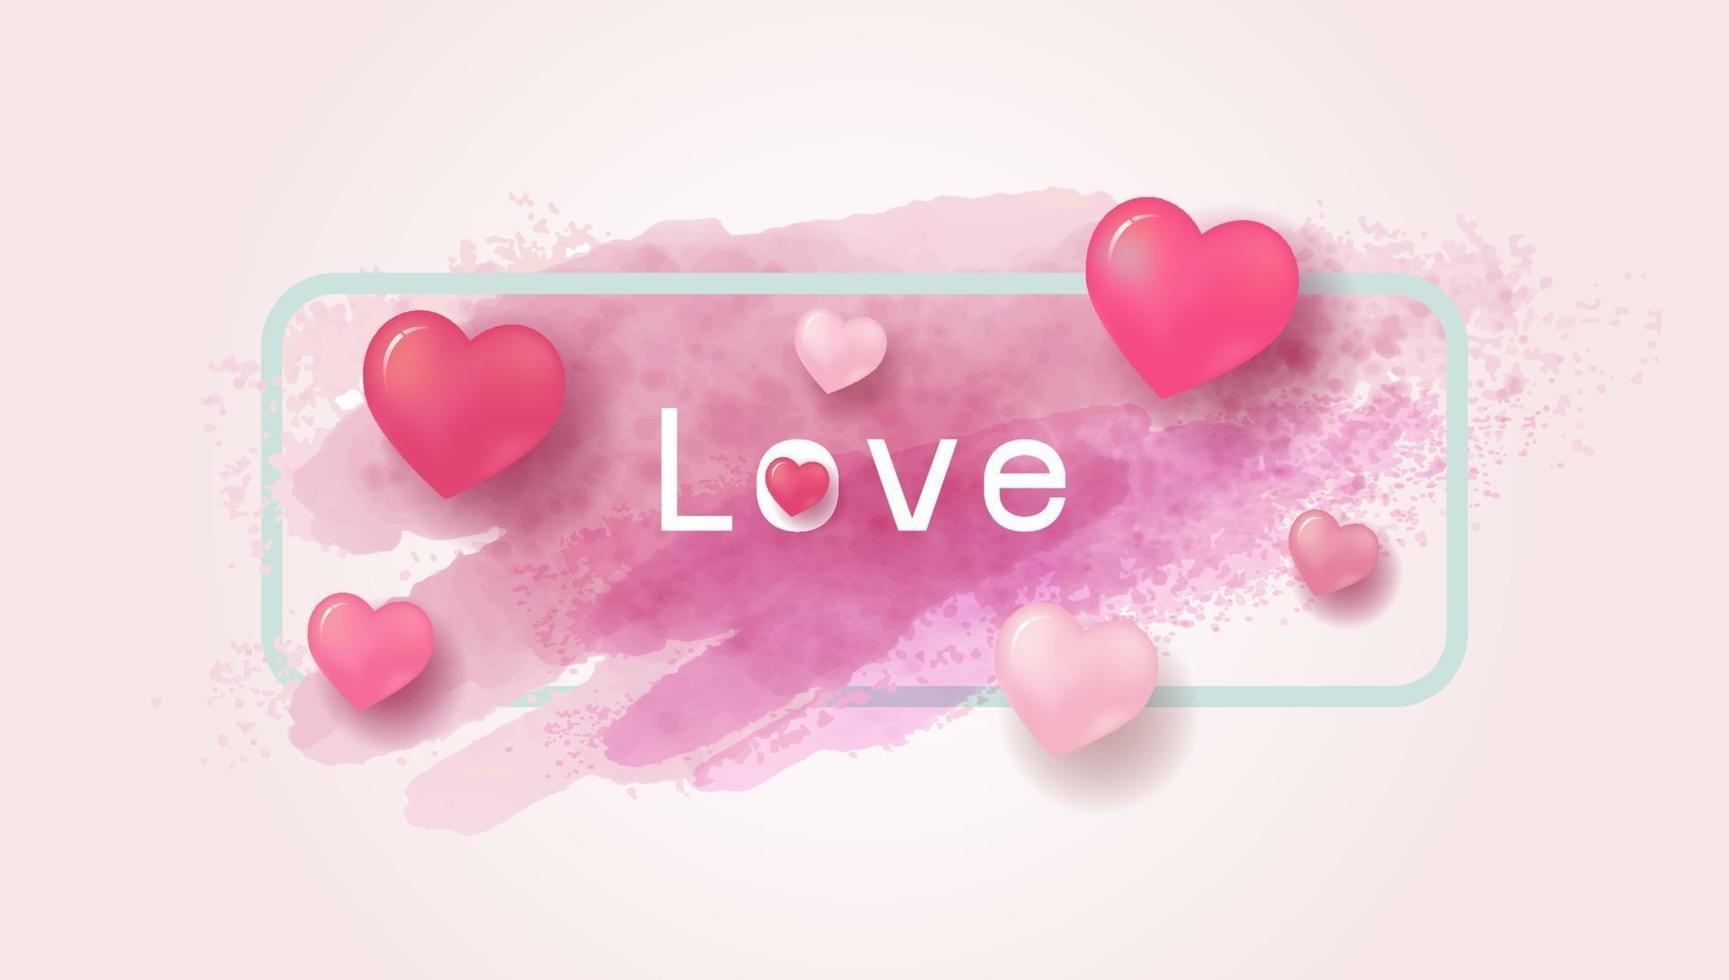 Liebeskonzept und Valentinstagdesign von Herzen und Aquarellpinsel-Vektorillustration vektor